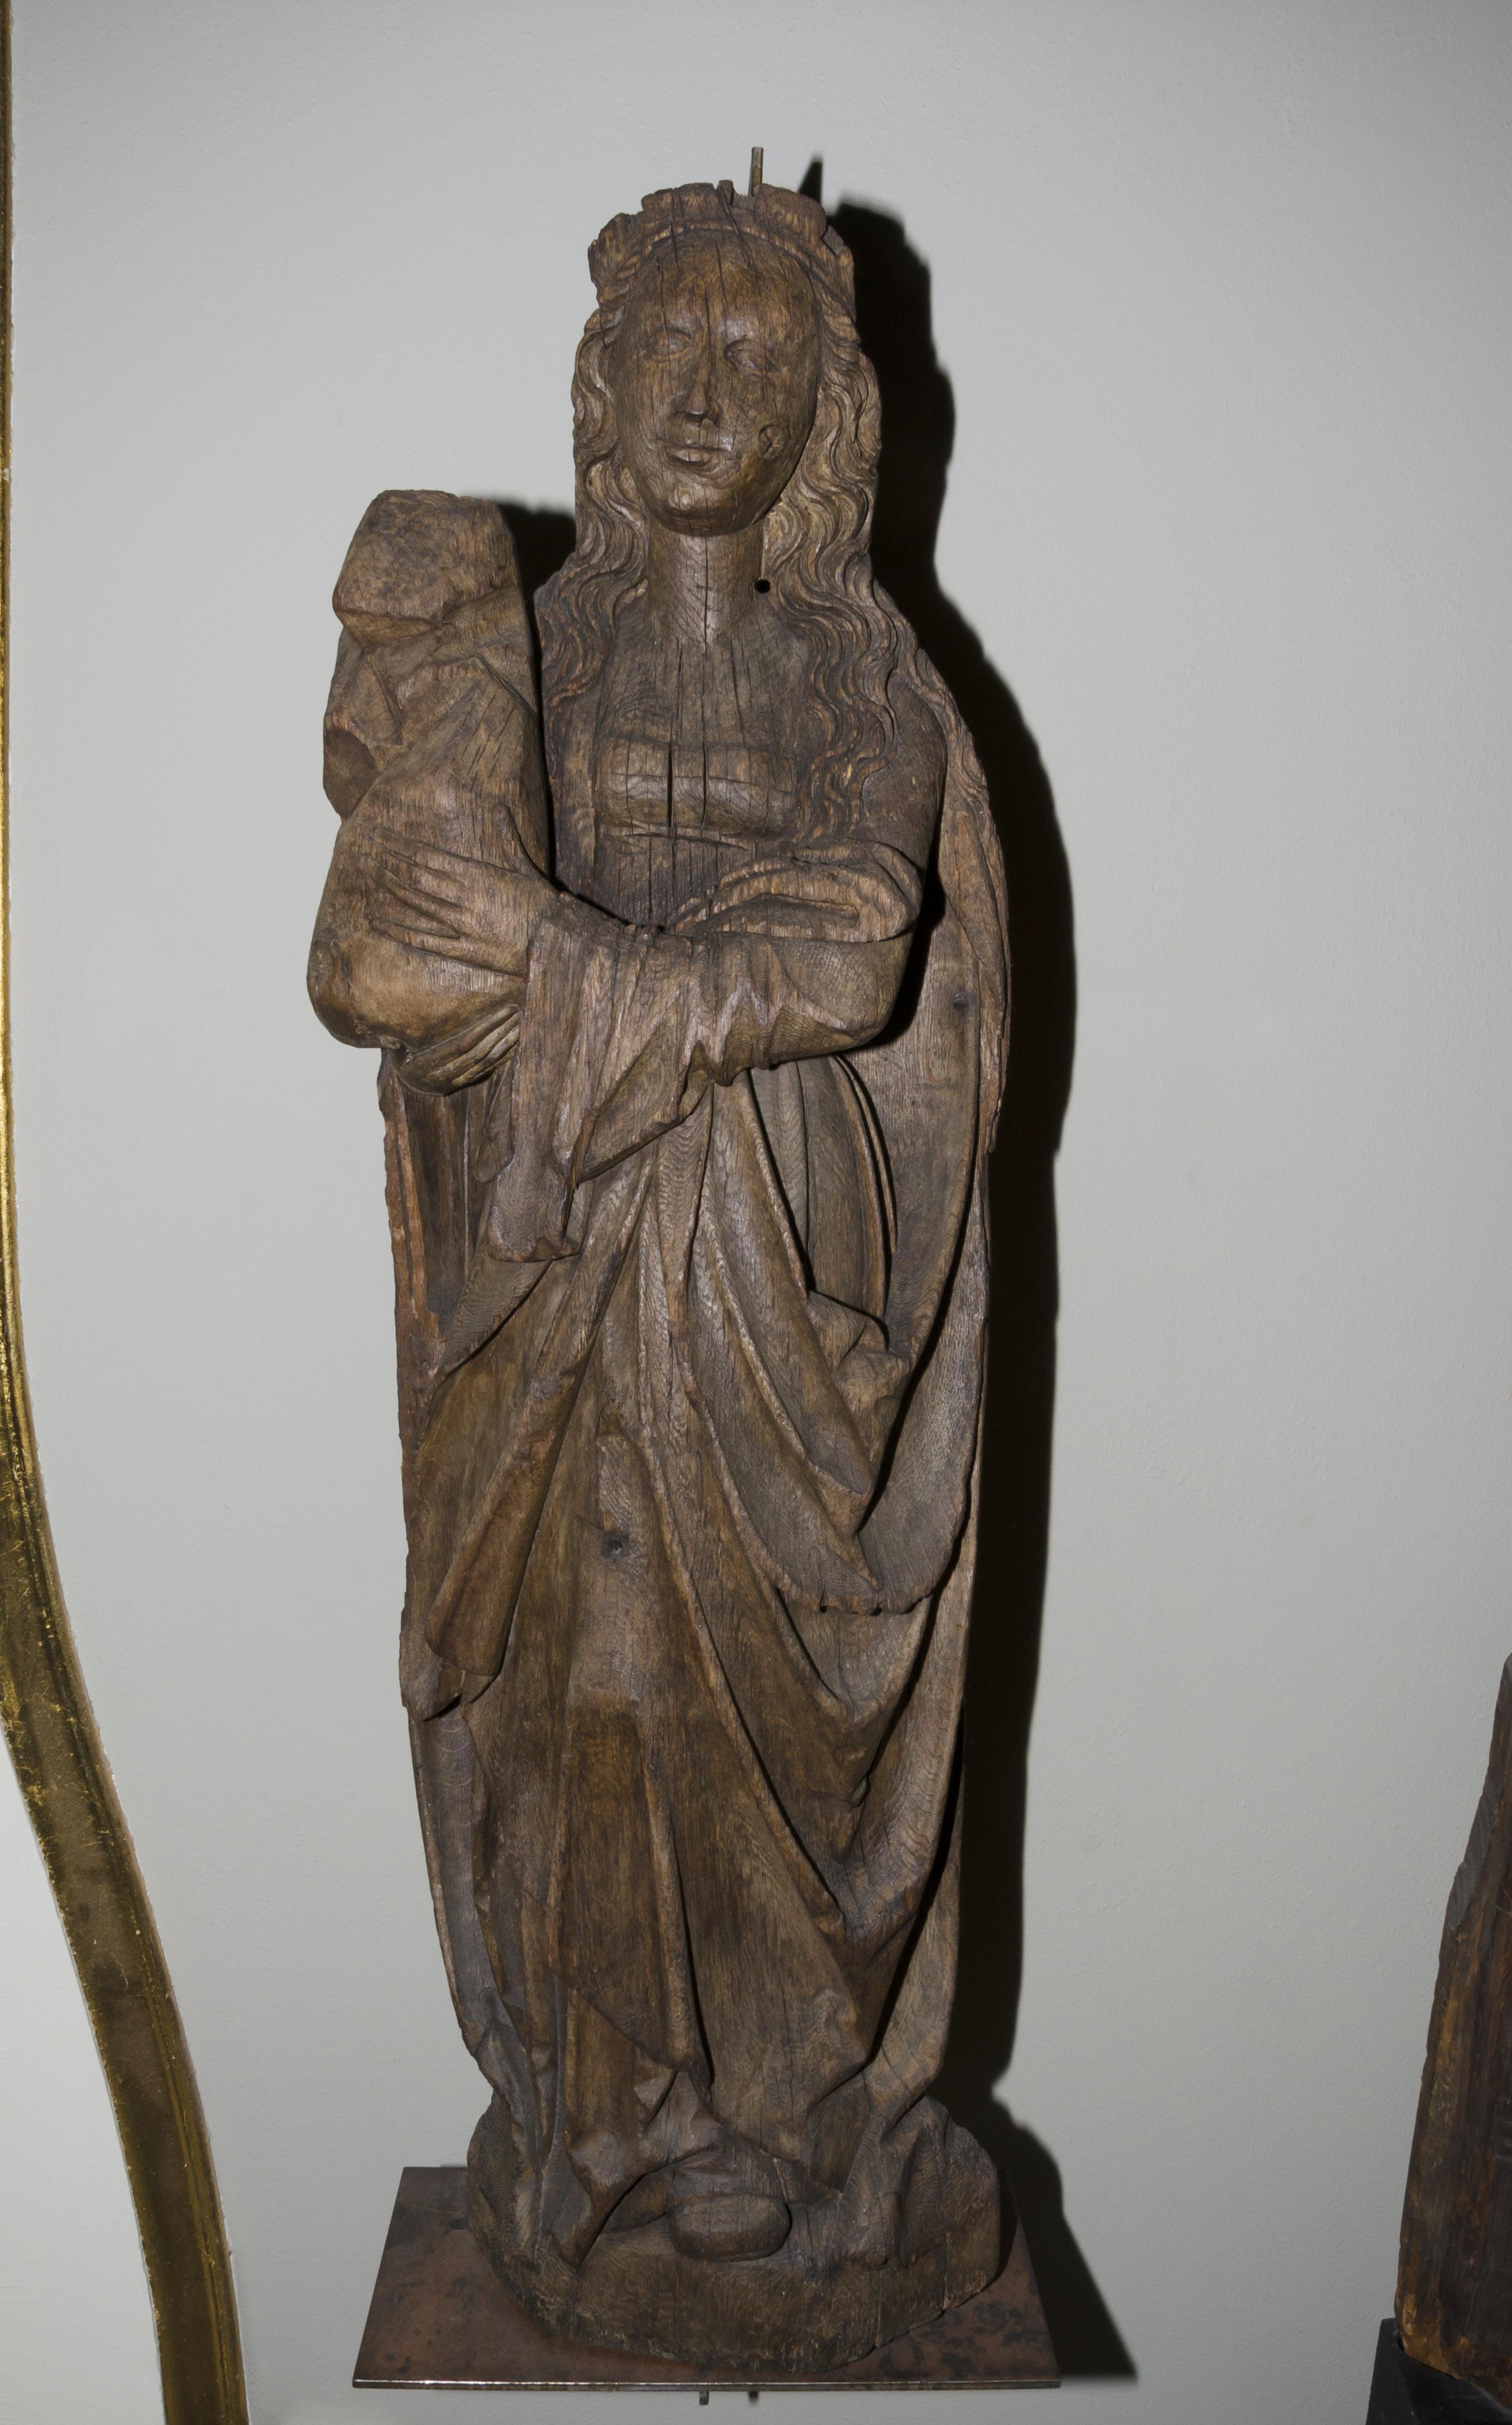 Den hellige Sunniva, utskåret trestatue fra Karlsøy kirke i Troms fra 1520-tallet, Kulturhistorisk museum